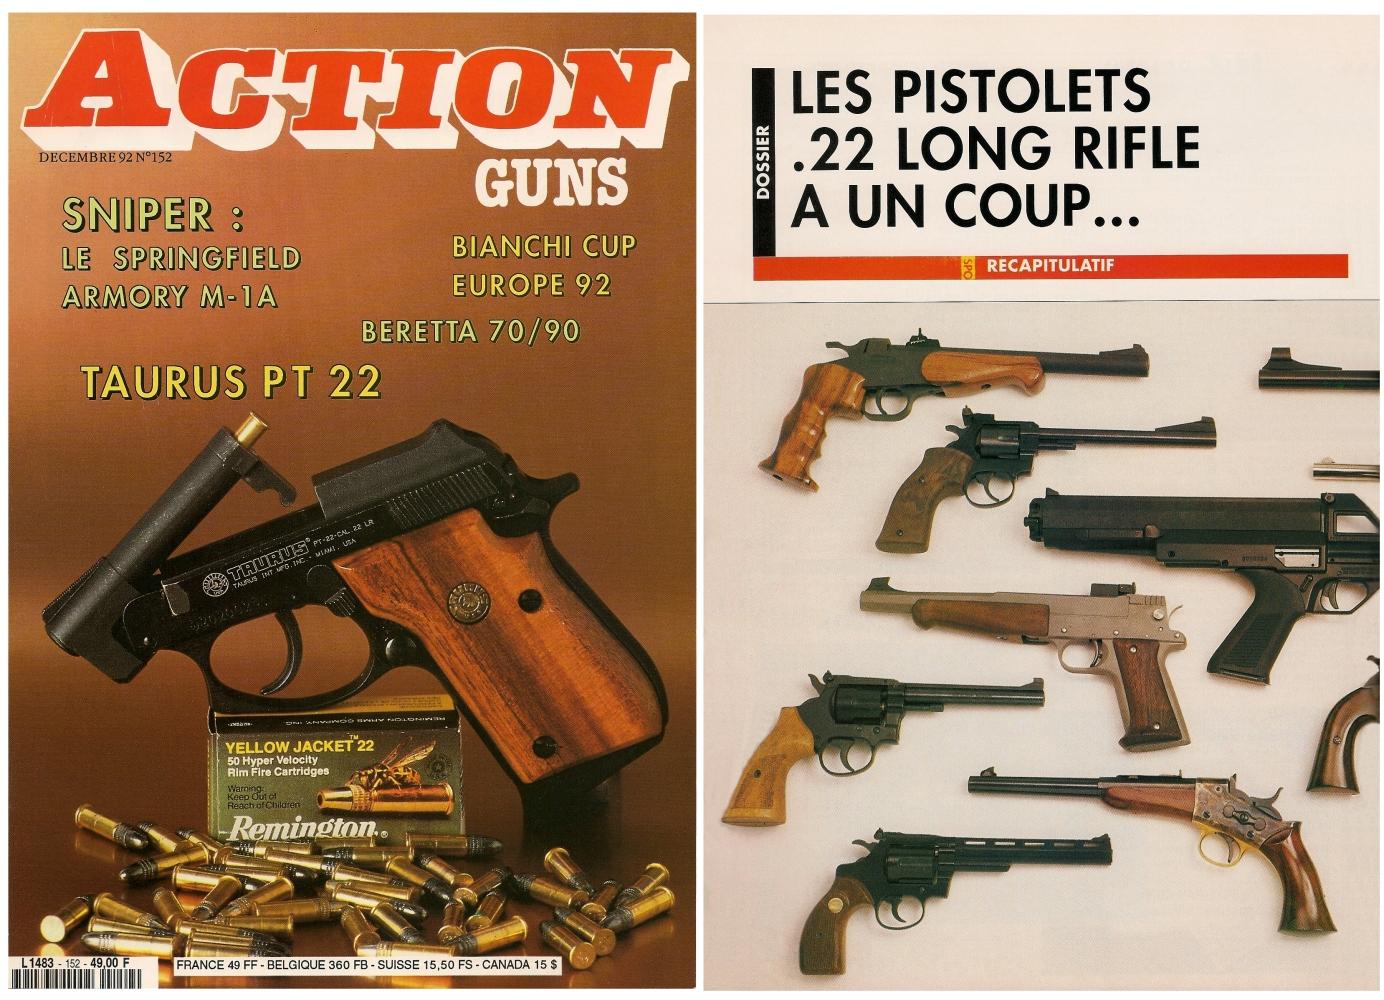 Un dossier complet sur les pistolets à un coup, regroupant l'étude de seize modèles différents, avait été publié sur 10 pages dans le dans le magazine Action Guns n° 152 (décembre 1992).